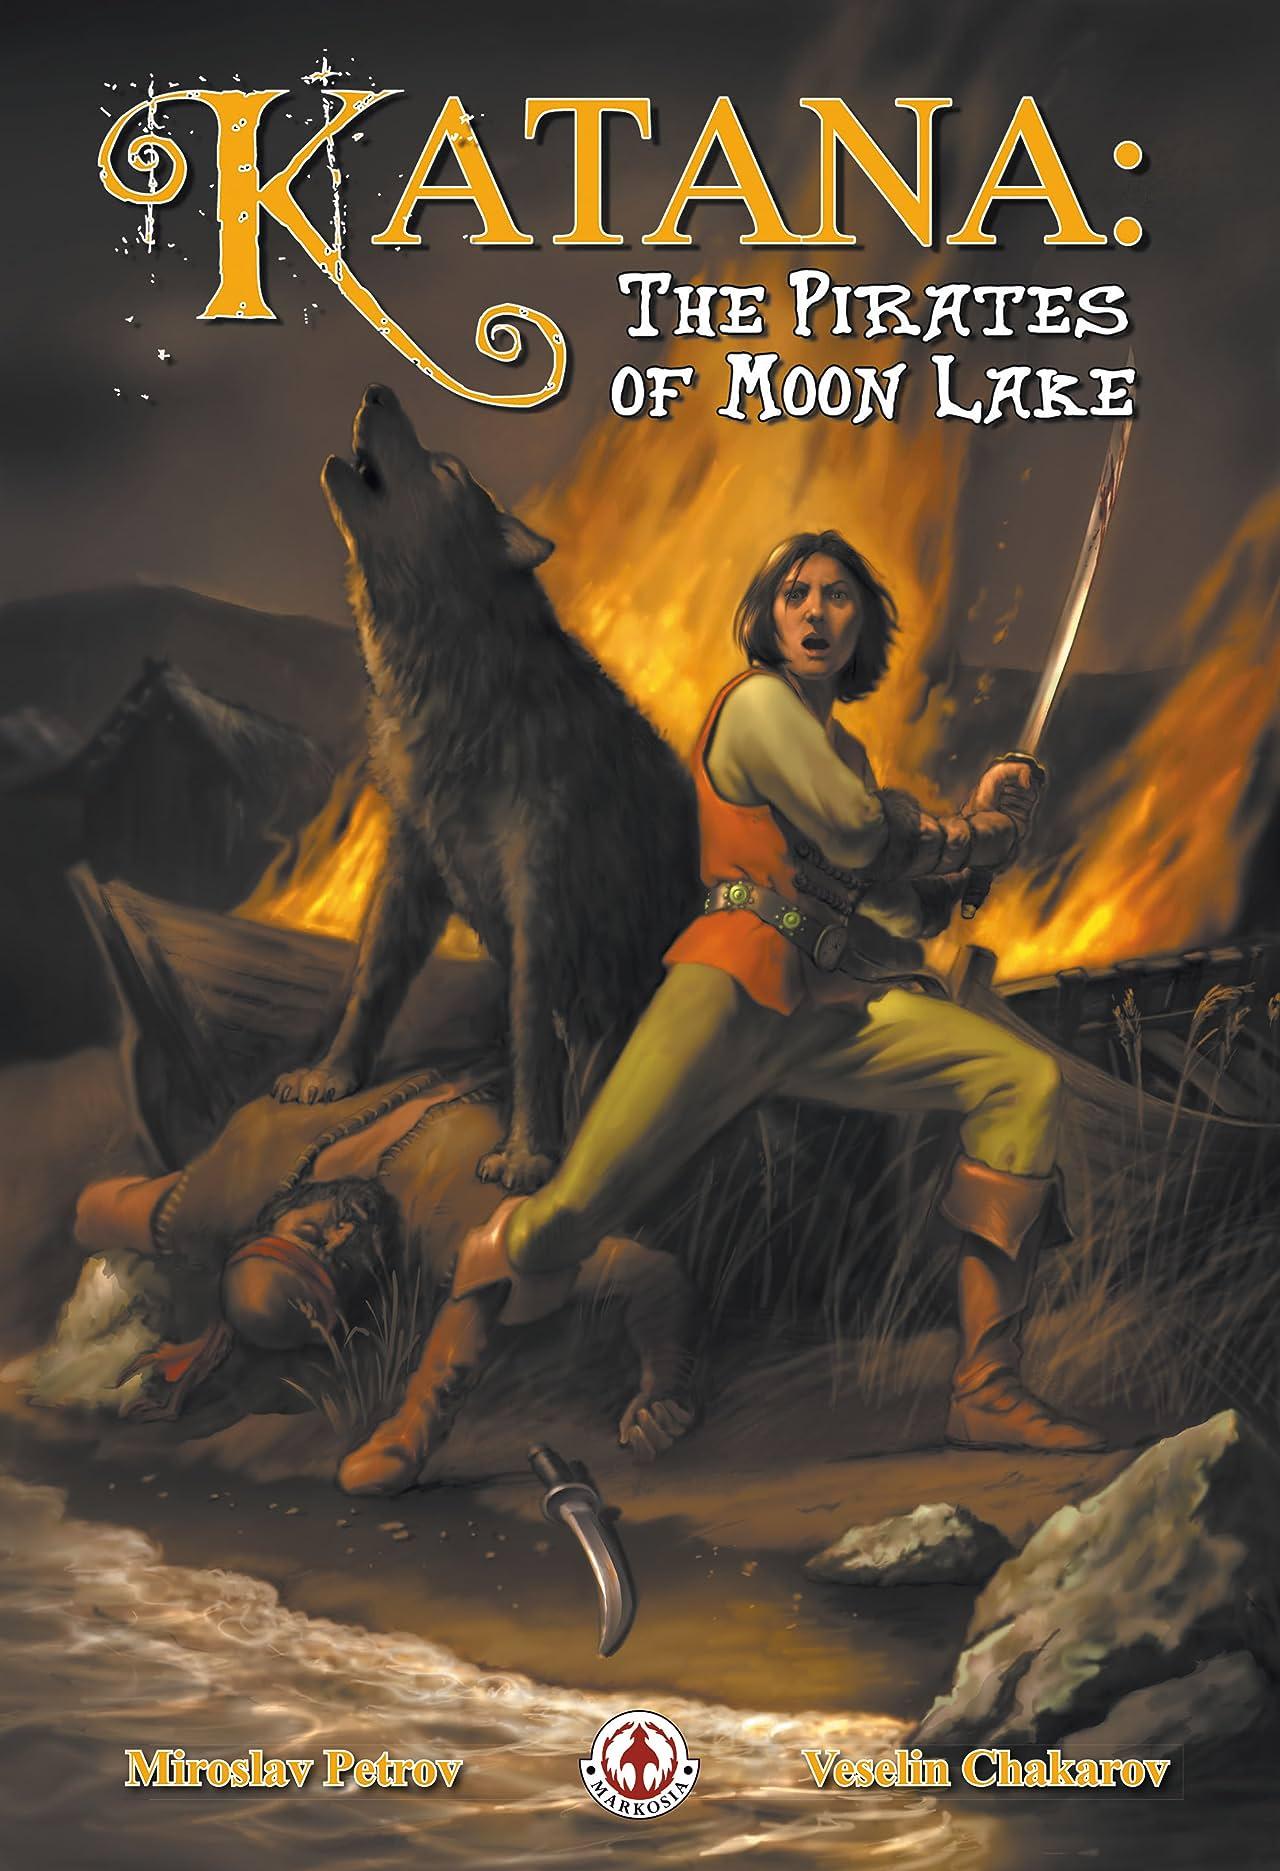 Katana Vol. 2 #1: The Pirates of Moon Lake